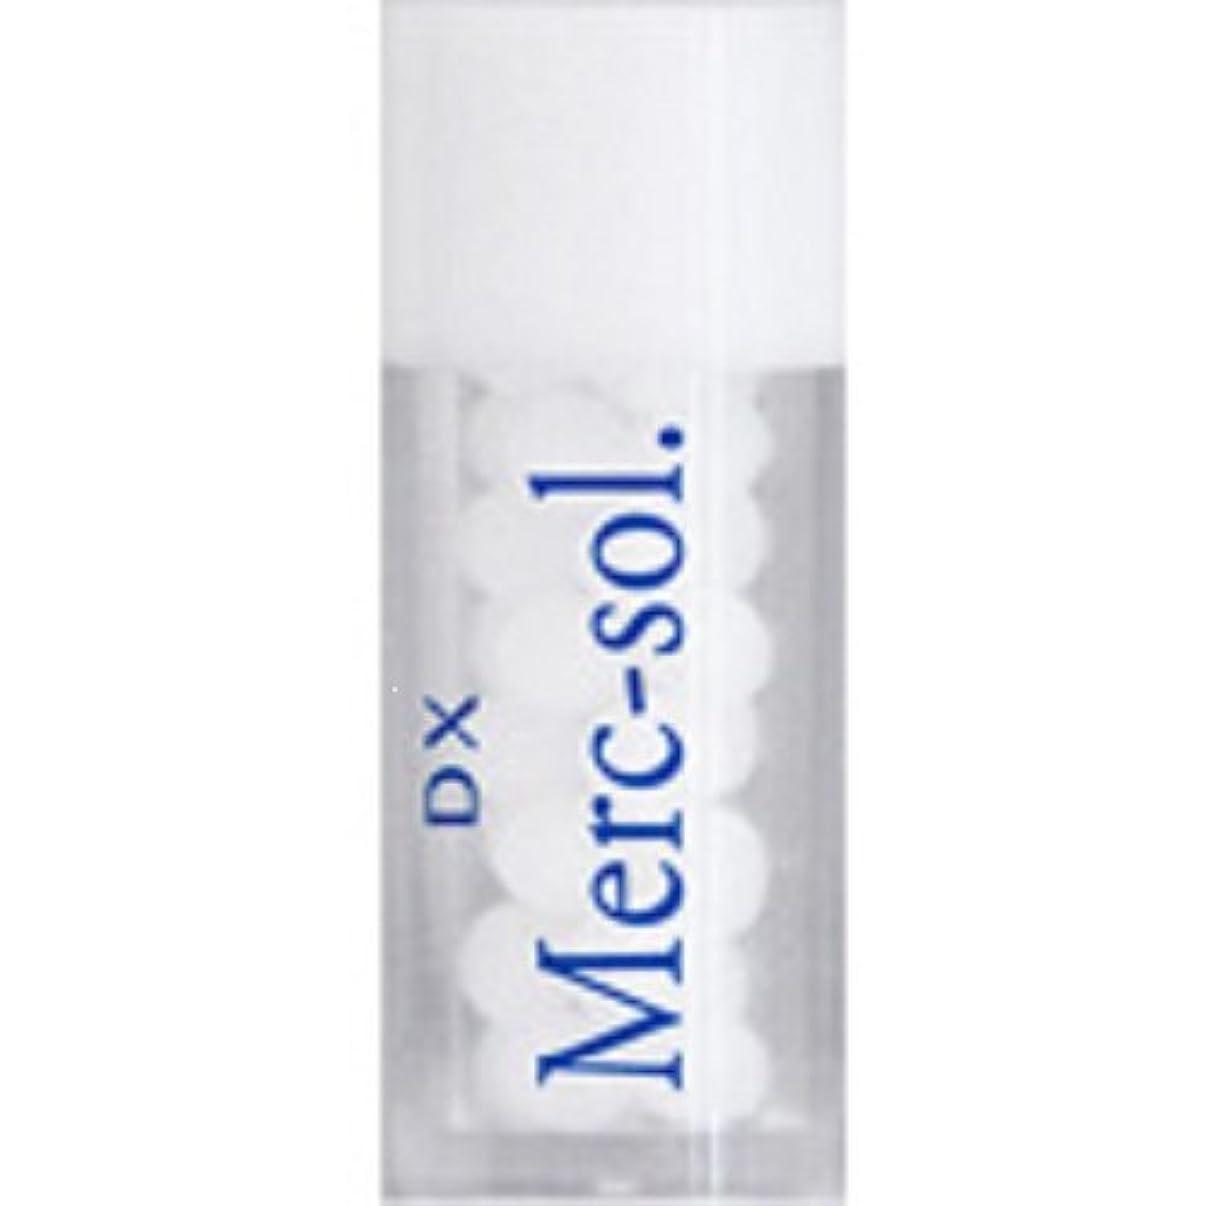 重要な役割を果たす、中心的な手段となる完璧なコントラストホメオパシージャパンレメディー DX Merc-sol.  ディーエックス マークソル (小ビン)